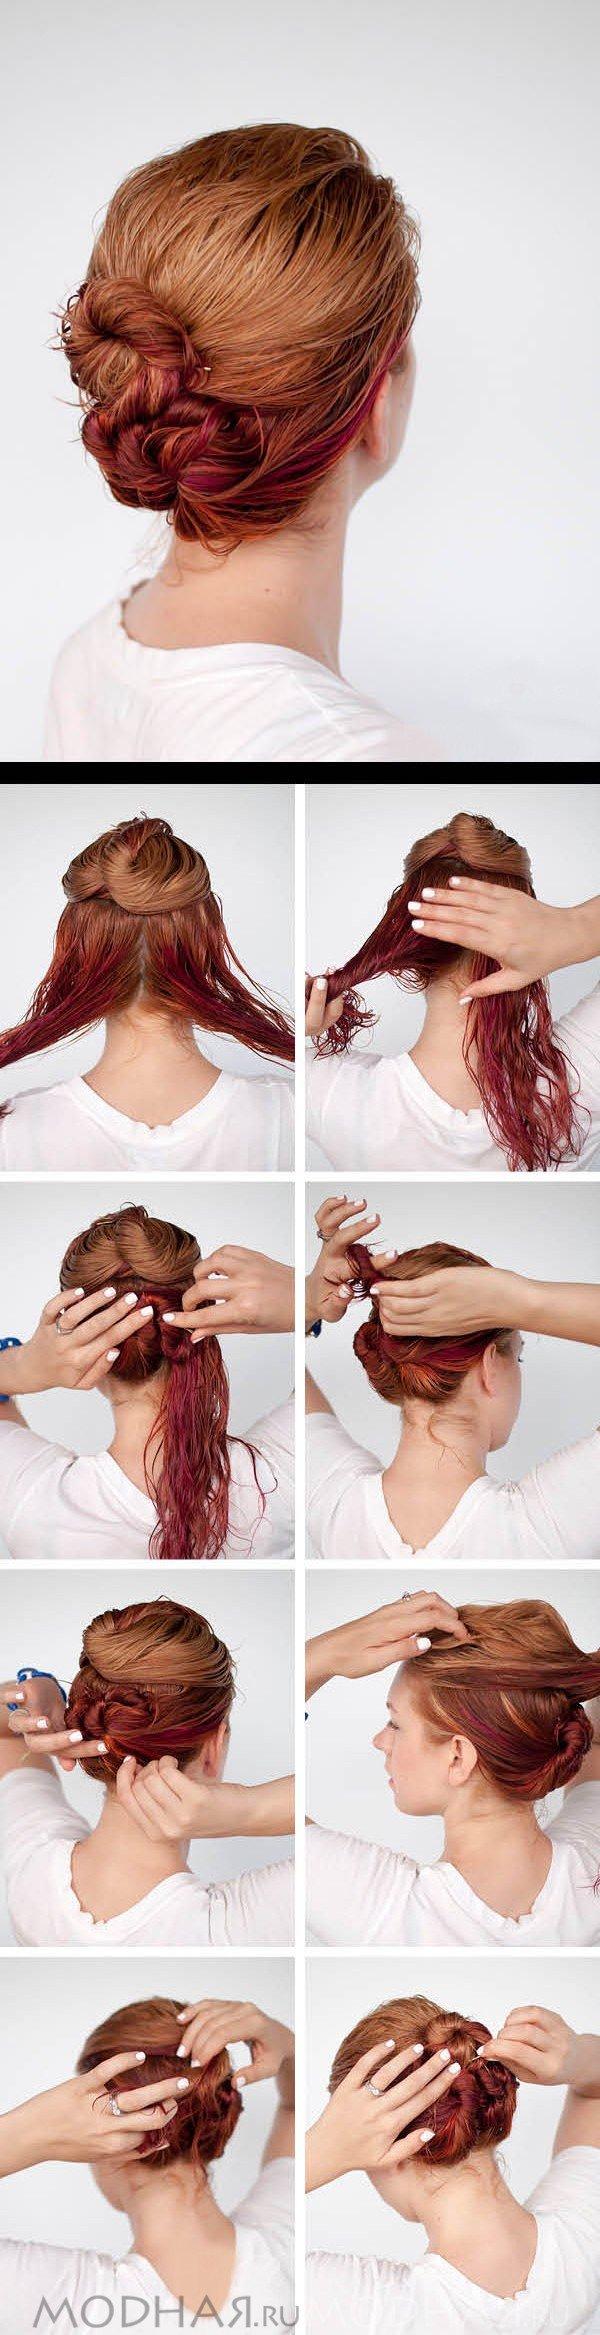 Прически для своими руками на средние волосы фото